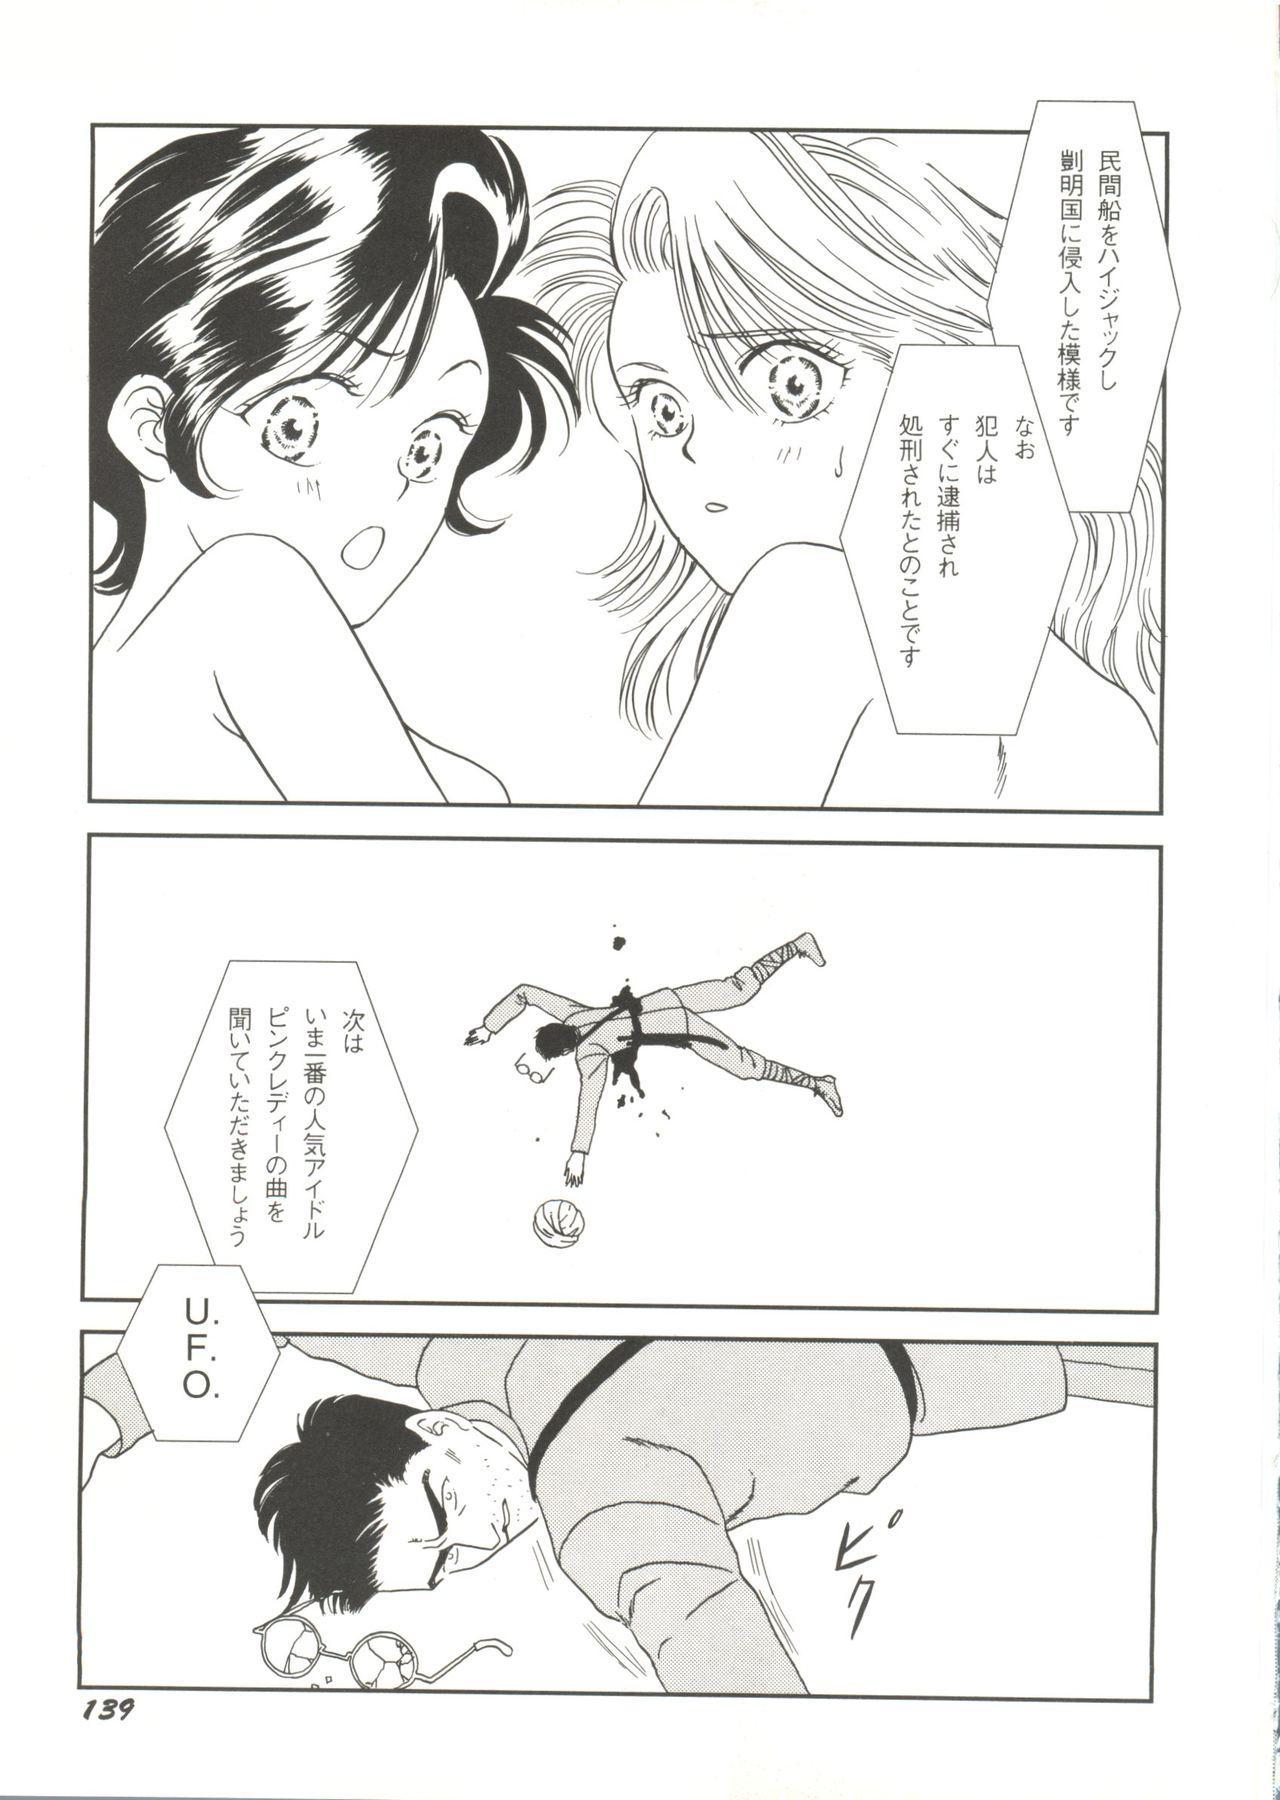 Doujin Anthology Bishoujo a La Carte 1 140